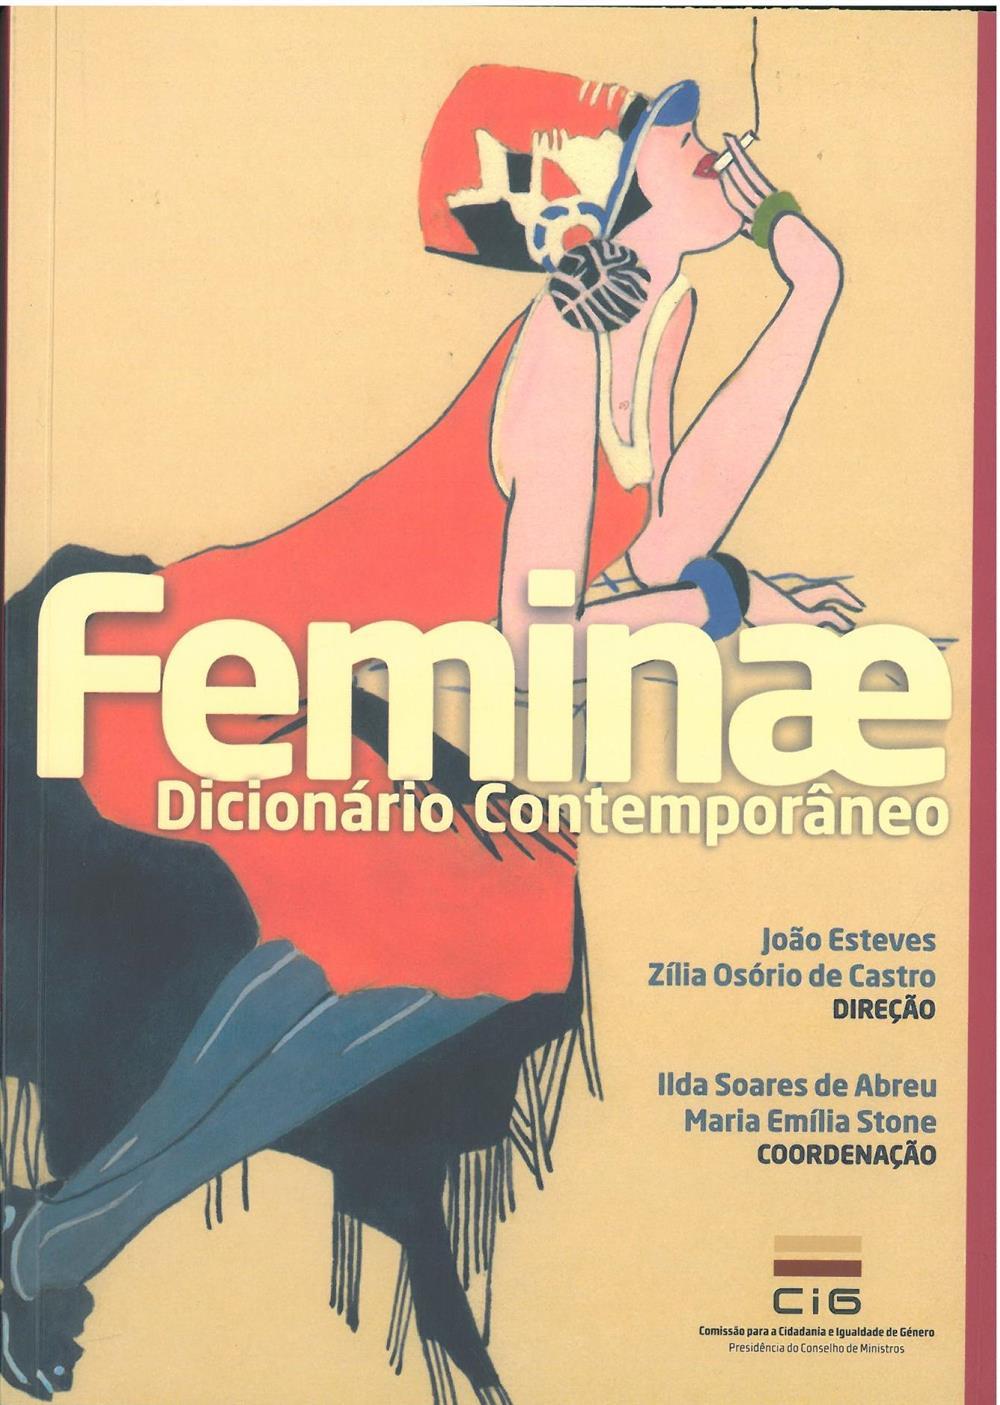 Feminae_.jpg